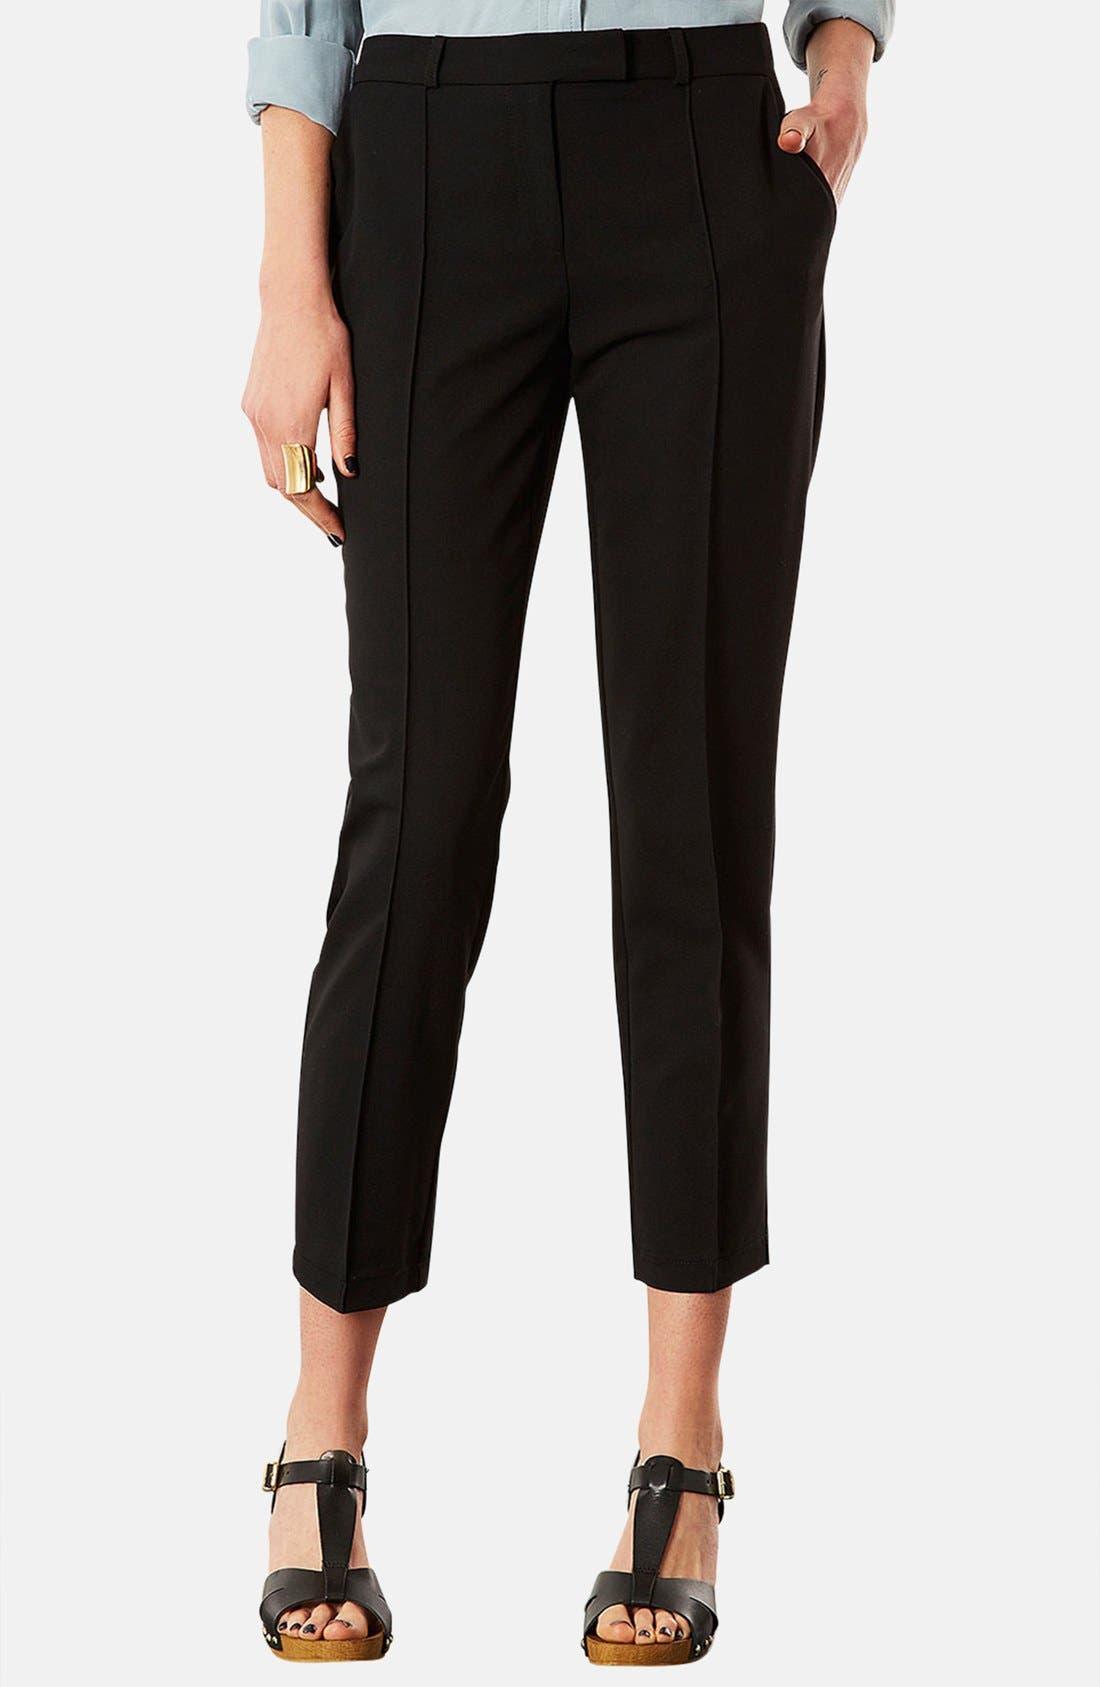 Main Image - Topshop Crop Cigarette Pants (Regular & Petite)